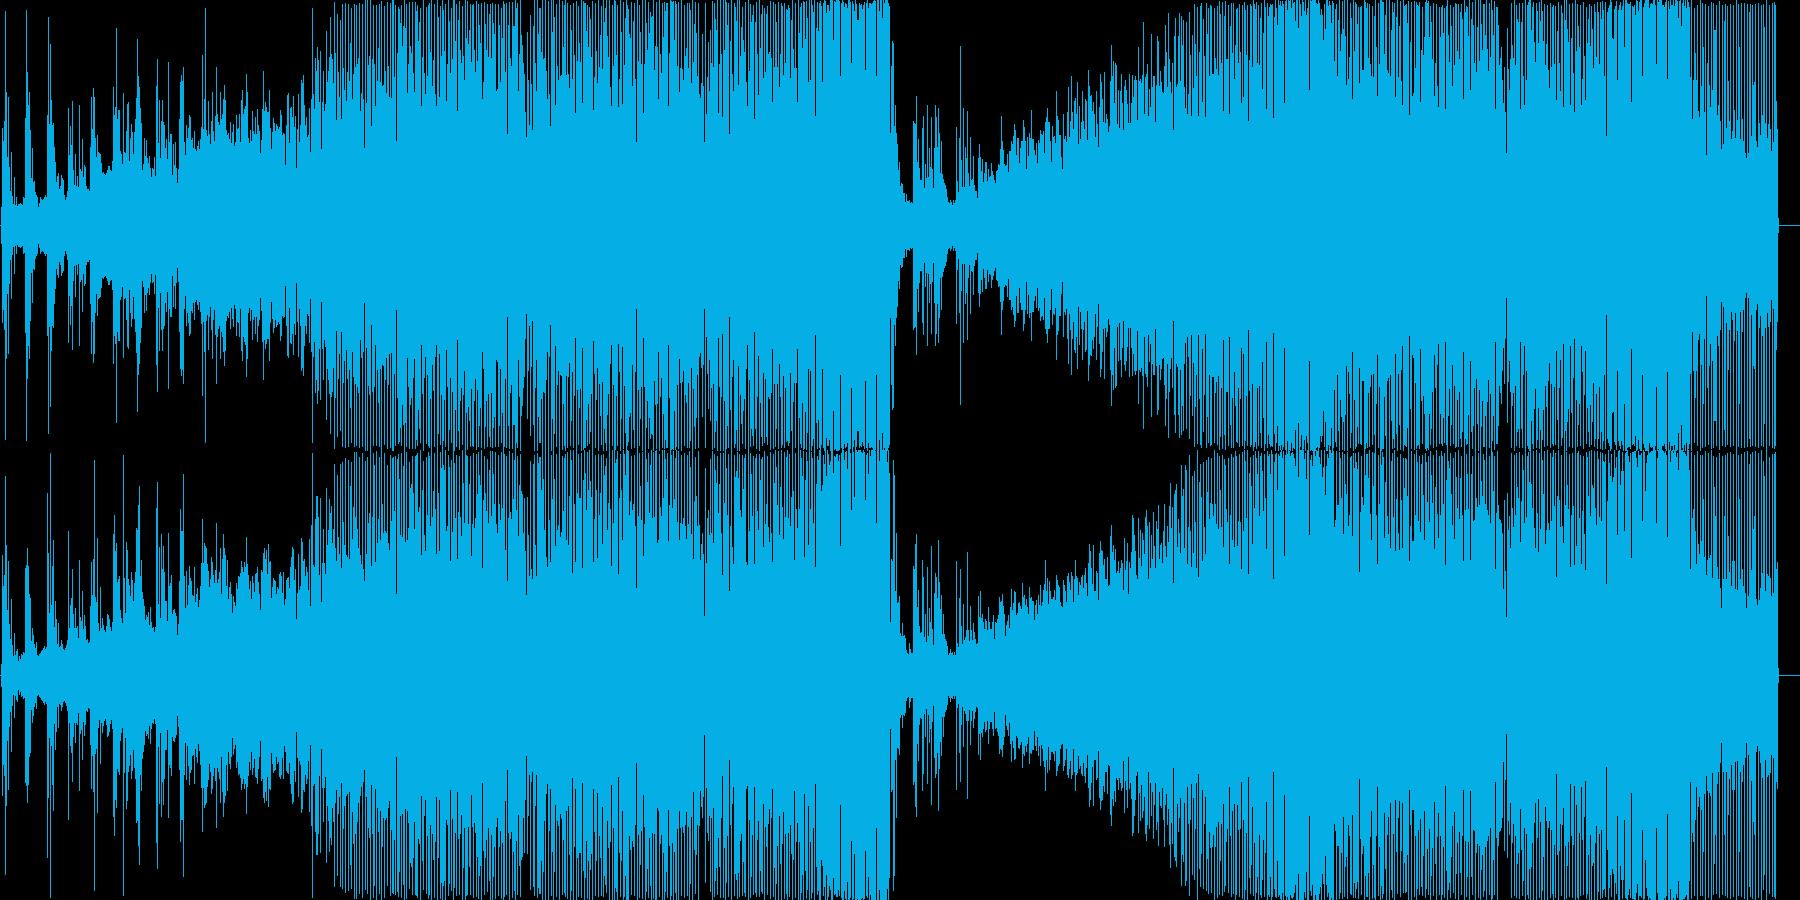 軽快さと情熱を表現したハウスミュージッ…の再生済みの波形